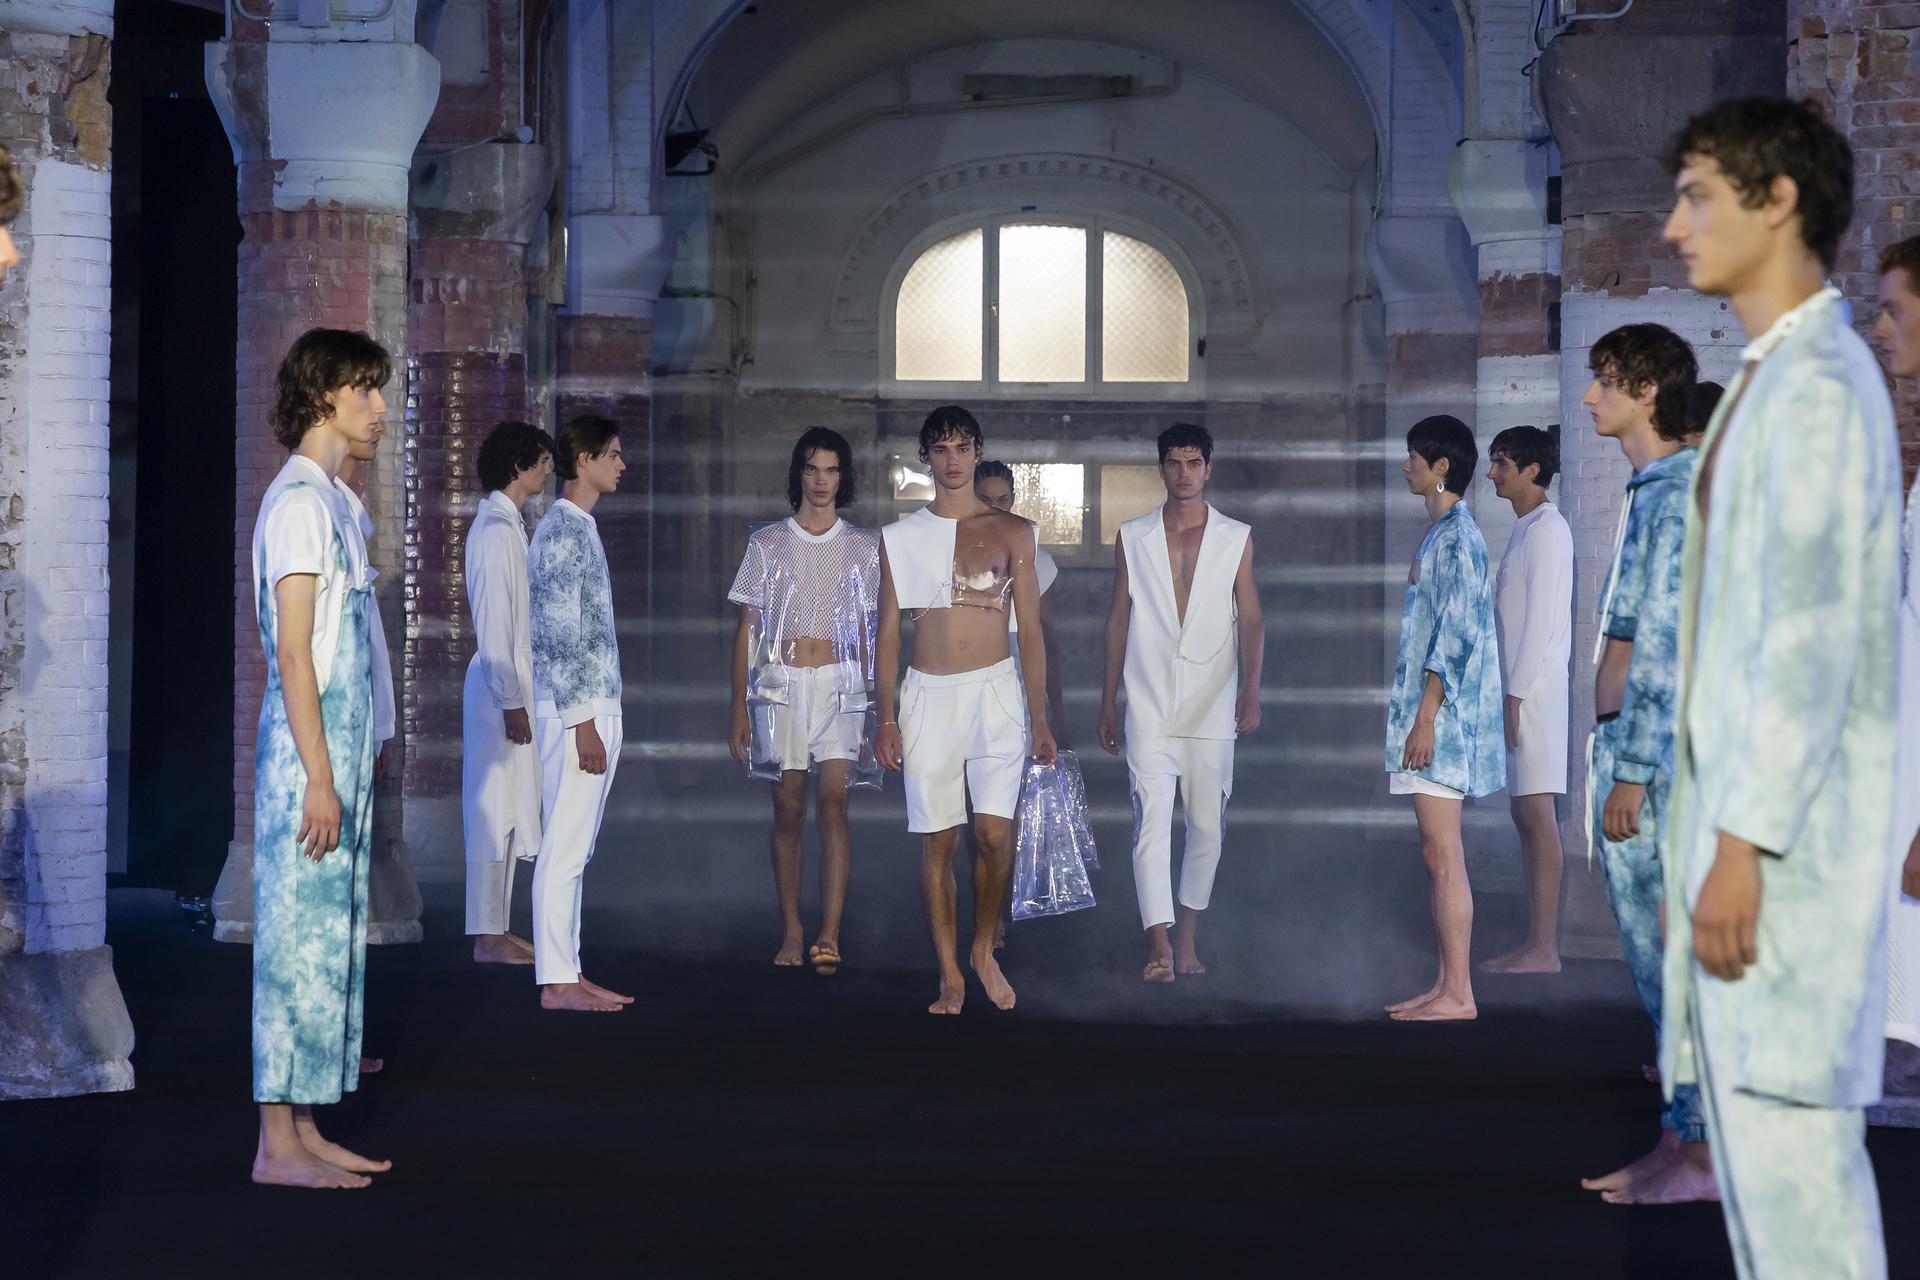 E%C3%B1aut%20ambient 1089 1 - 080 Barcelona Fashion Digital Edition concluye con su cuarta sesión de los últimos Fashion Show Films